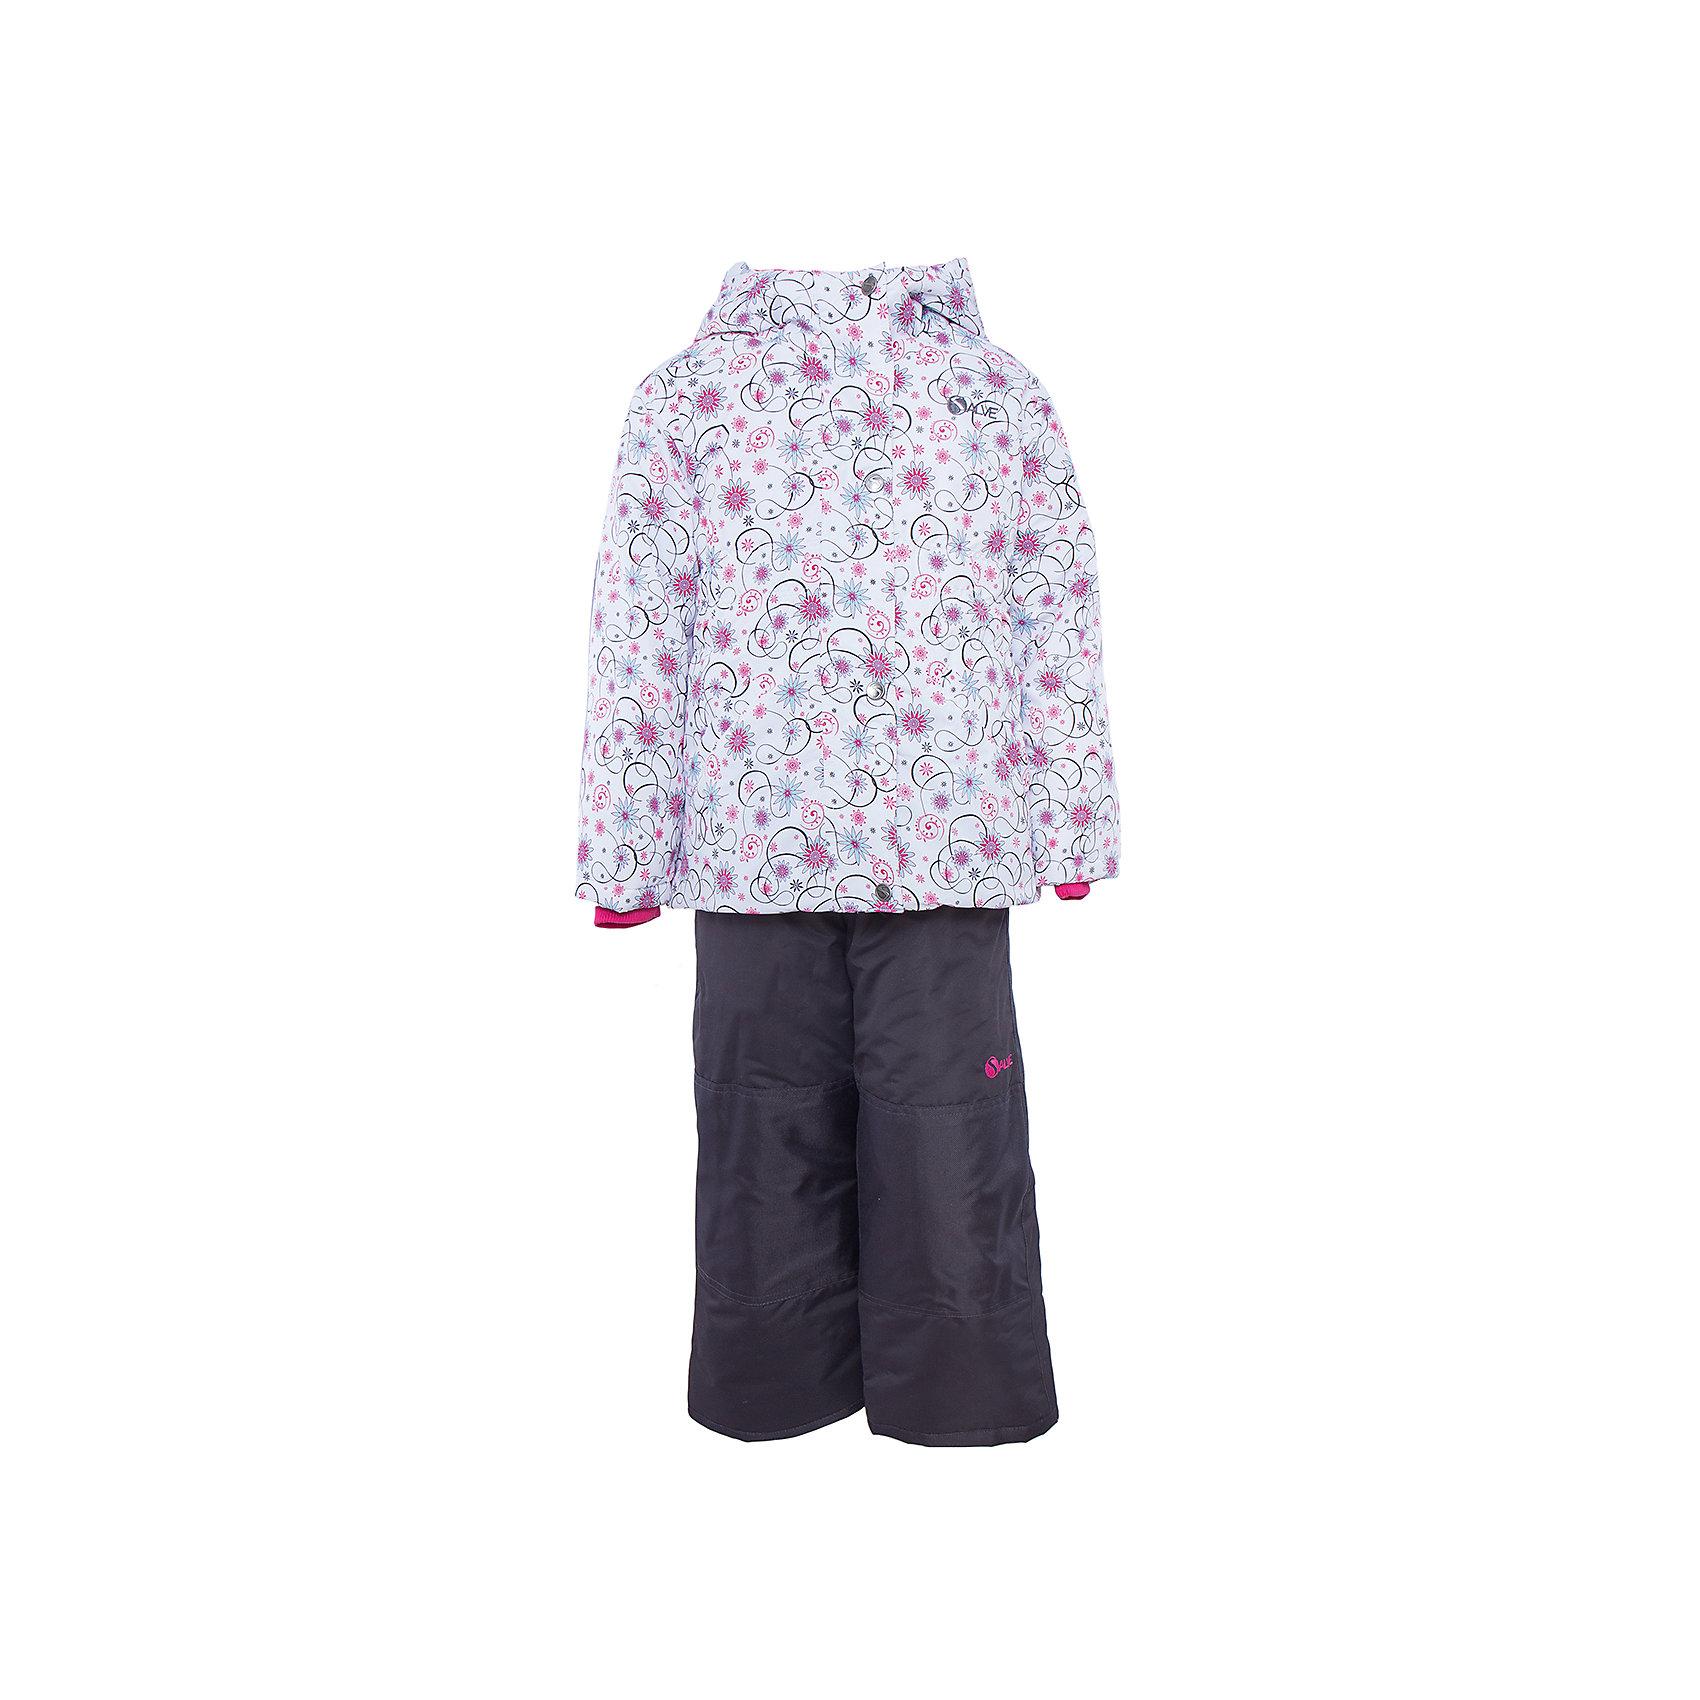 Комплект: куртка и полукомбинезон для девочки SalveХарактеристики:<br><br>• Сезон: зима<br>• Степень утепления: высокая (куртка – 330 гр/м.кв.; полукомбинезон – 200 гр/м.кв.)<br>• Температурный режим*: от 0 до -30 градусов<br>• Пол: для девочки<br>• Цвет: розовый, голубой, черный<br>• Материал: полиэстер 100%<br>• Комплектация: куртка, полукомбинезон<br>• Наличие снегозащитной юбки<br>• Тип застежки: молния, кнопки<br>• Манжеты на куртке: эластичные, трикотажные<br>• Капюшон: не отстегивается<br>• Регулируемые лямки у полукомбинезона<br>• Уход: допускается стирка без чистящих и отбеливающих средств<br><br>Бренд Salve разработан и произведён канадской компанией Gusti International специально для российского рынка.<br><br>Комплект: куртка и полукомбинезон для девочки Salve предназначен для прогулок в самое холодное время года. Изделие обеспечено высокой степенью утепления. Верхняя часть комплекта выполнена из полиэстера, который обладает ветрозащитными и влагонепропускаемыми свойствами. Подклад на куртке выполнен из флиса. Для обеспечения поддержания микроклимата имеются эластичные трикотажных манжеты на рукавах куртки и резинки на брюках. Изделие выполнено из прочной ткани, имеется усиление на коленях, по низу полукомбинезона и сзади. Крой комплекта выполнен с учетом повышенной подвижности ребенка во время зимних прогулок: расширенные брючины не сковывают движений. <br>Комплект: куртка и полукомбинезон для девочки Salve выполнен в стильном дизайне: куртка с узором из цветочных элементов и полукомбинезон в классическом темном цвете.<br><br>* Температурный режим указан приблизительно — необходимо, прежде всего, ориентироваться на индивидуальные ощущения ребенка. Указанный температурный режим предполагает соблюдения многослойности – использования флисовой поддевы и термобелья.<br><br>Комплект: куртку и полукомбинезон для девочки Salve можно купить в нашем интернет-магазине.<br><br>Ширина мм: 356<br>Глубина мм: 10<br>Высота мм: 245<br>Вес г: 519<br>Цвет: розовый<br>Возра